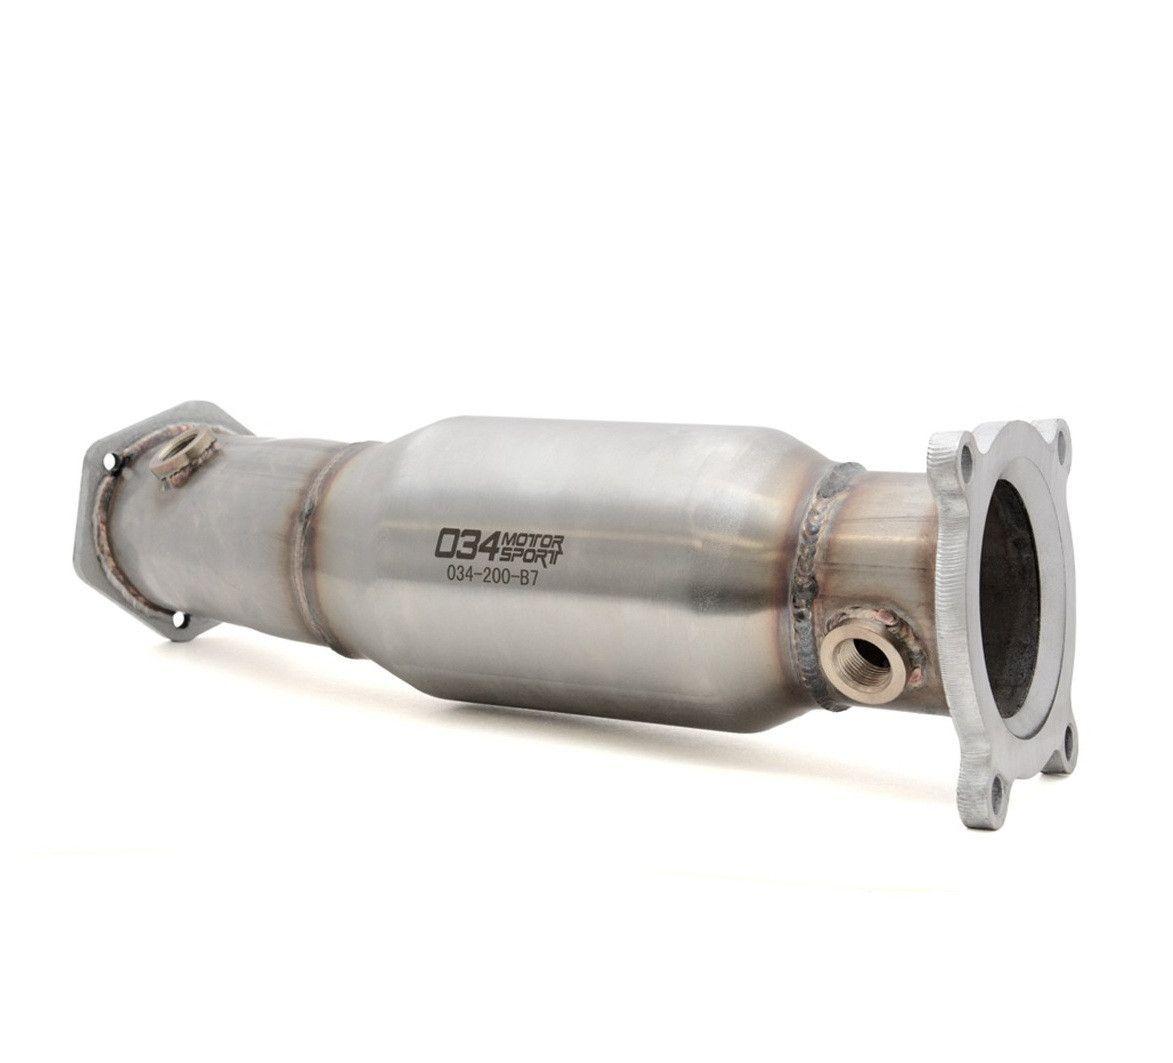 034Motorsport High Flow Racing Catalytic Converter, B7